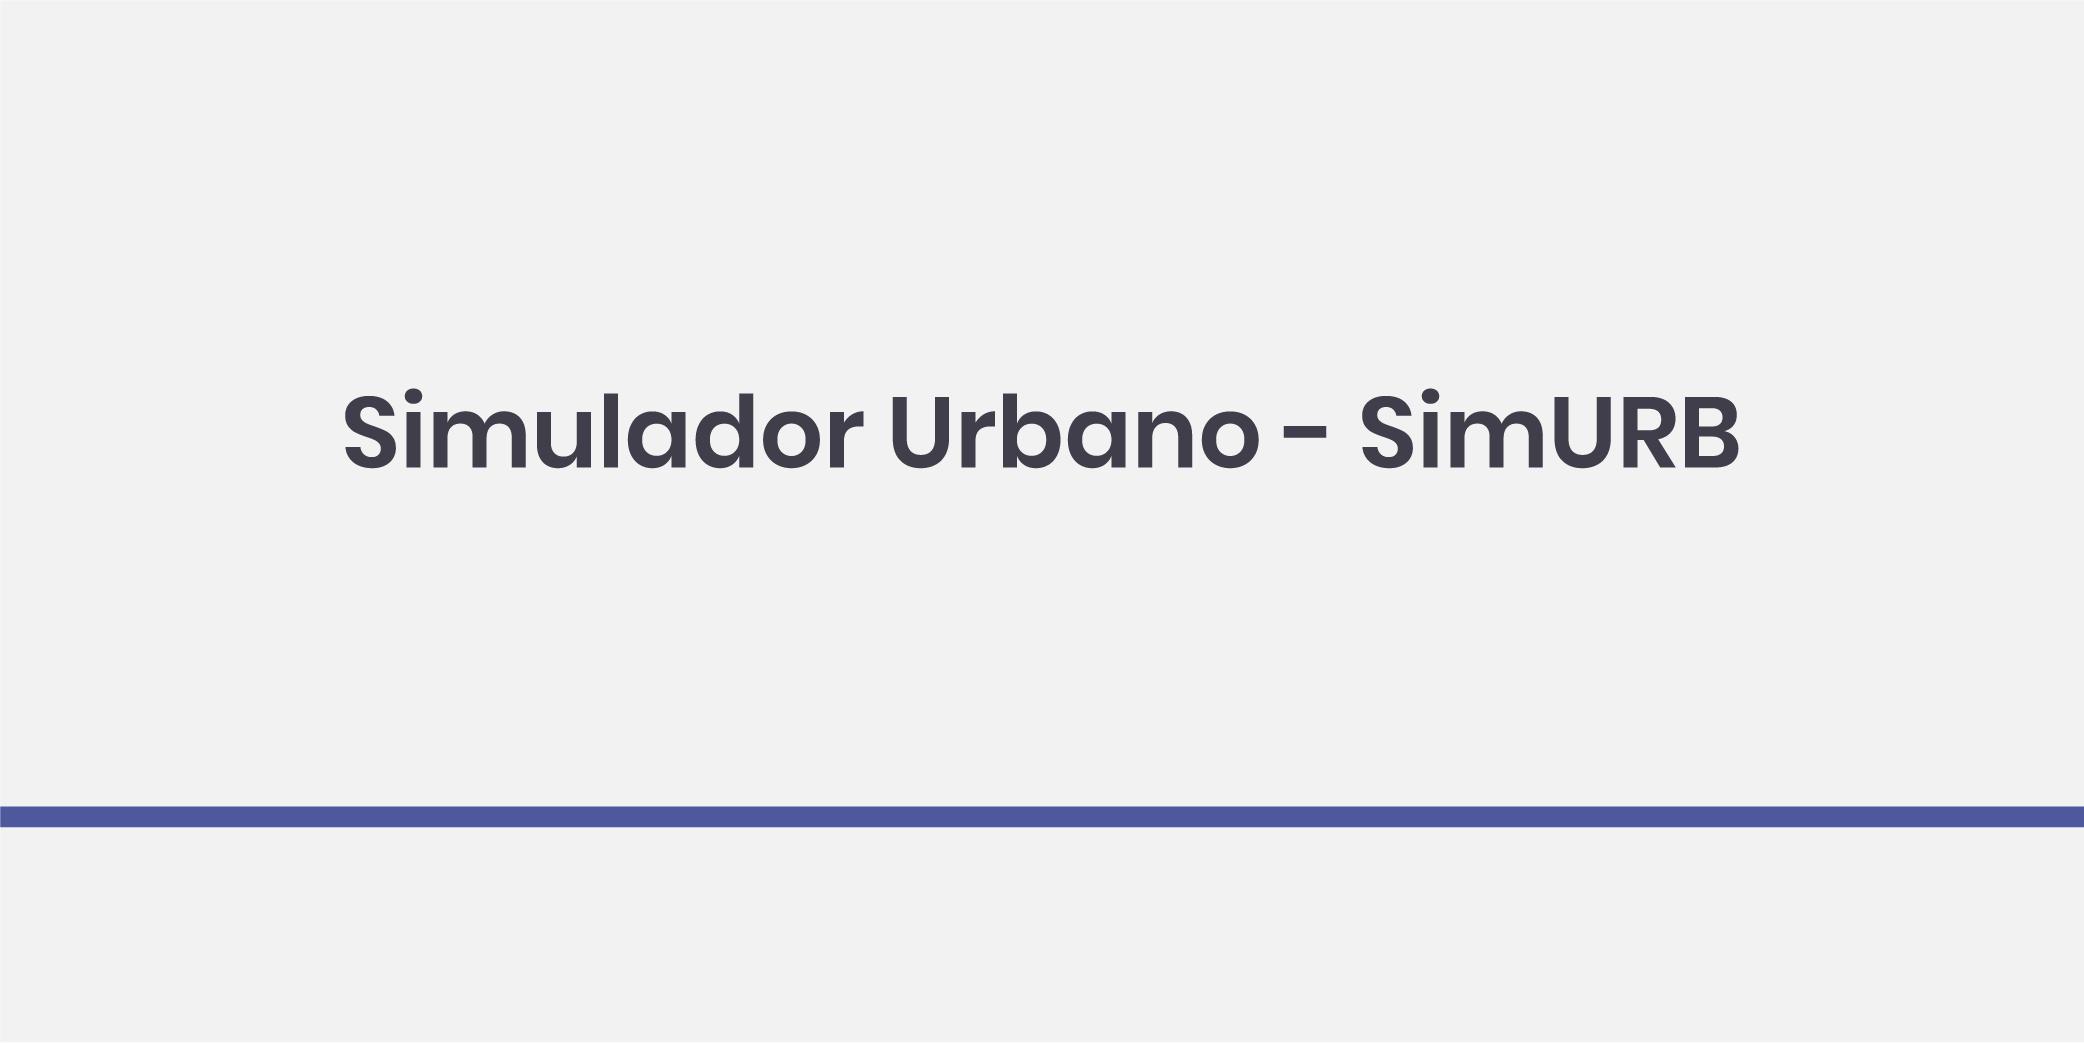 Simulador Urbano - SimURB